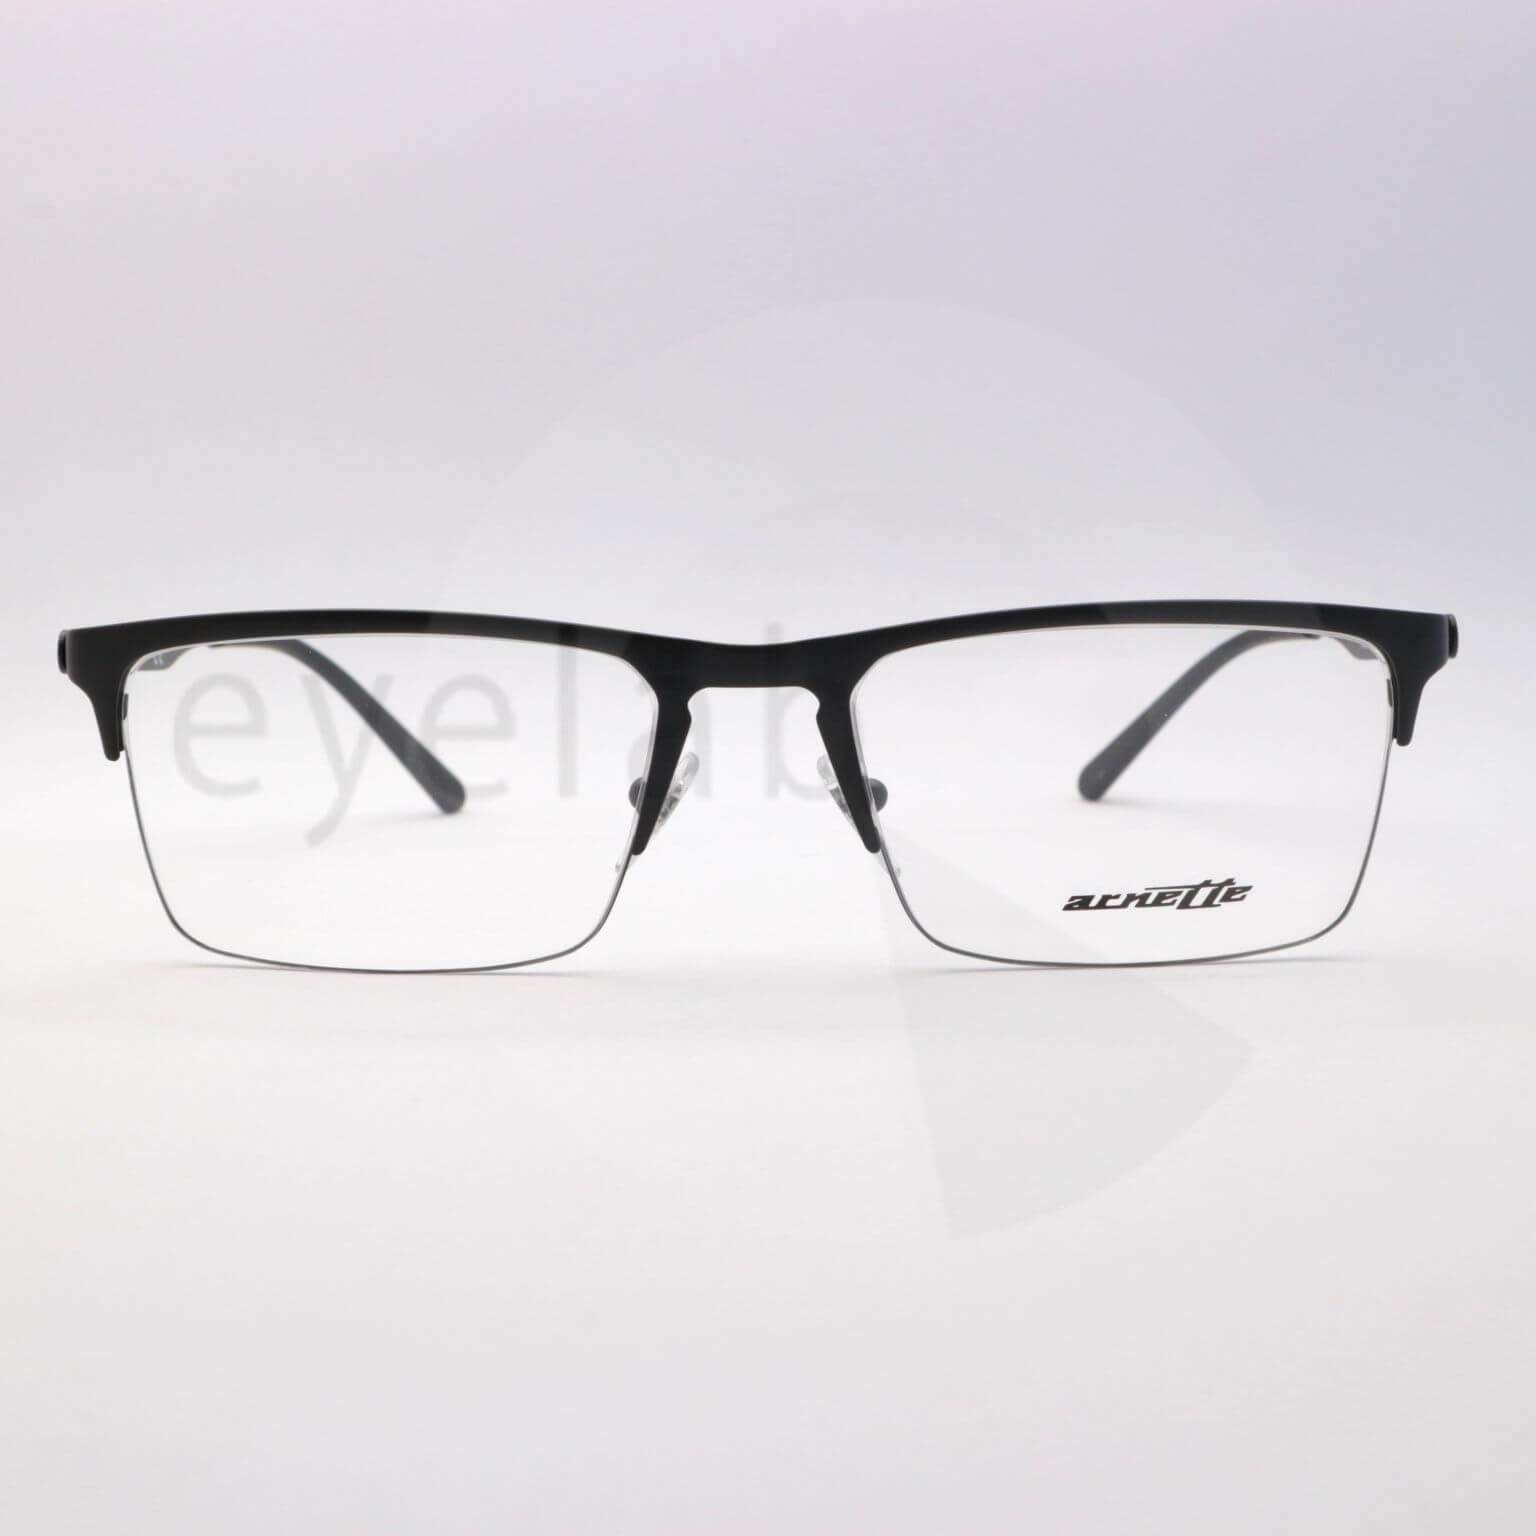 Γυαλιά οράσεως Arnette Tail 6118 696 ~ Eyelab 03ee996f79e